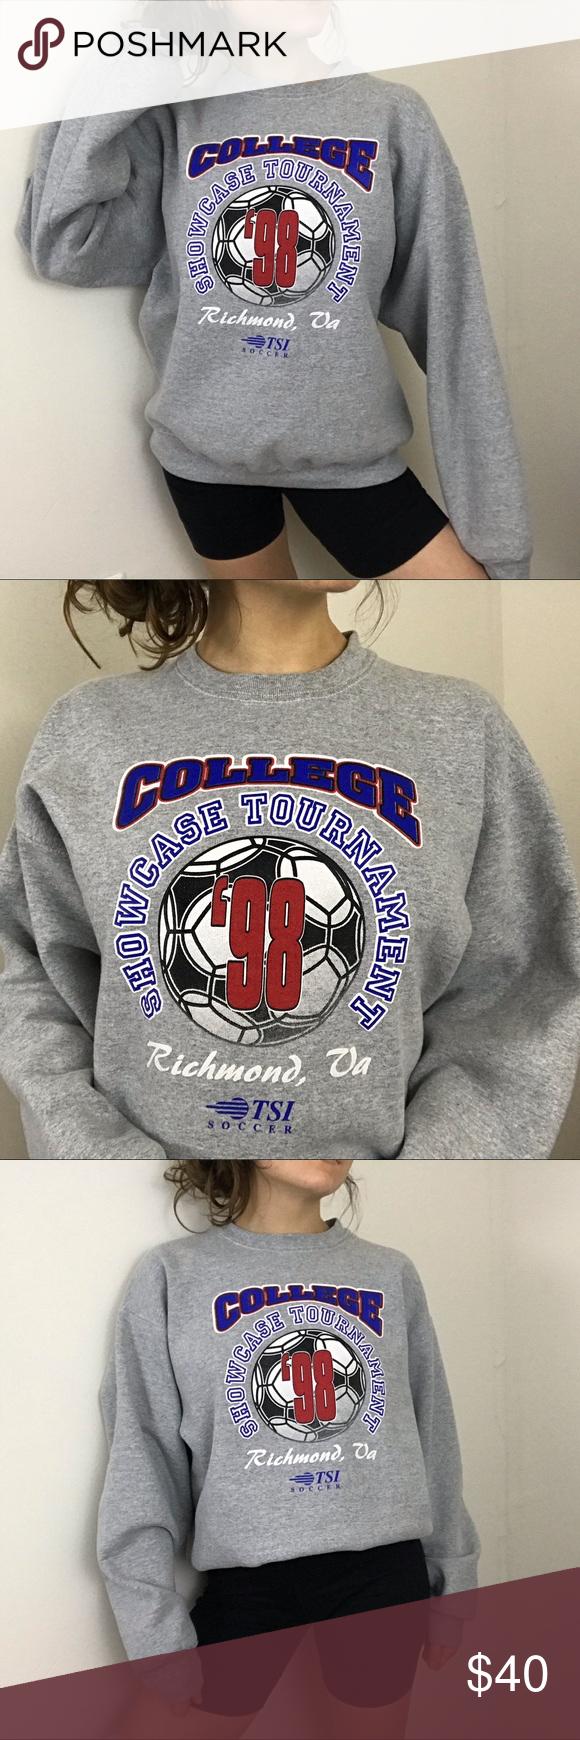 Vintage 1998 College Soccer Tournament Crewneck Sweatshirt Tops Novelty Sweater Crew Neck [ 1740 x 580 Pixel ]